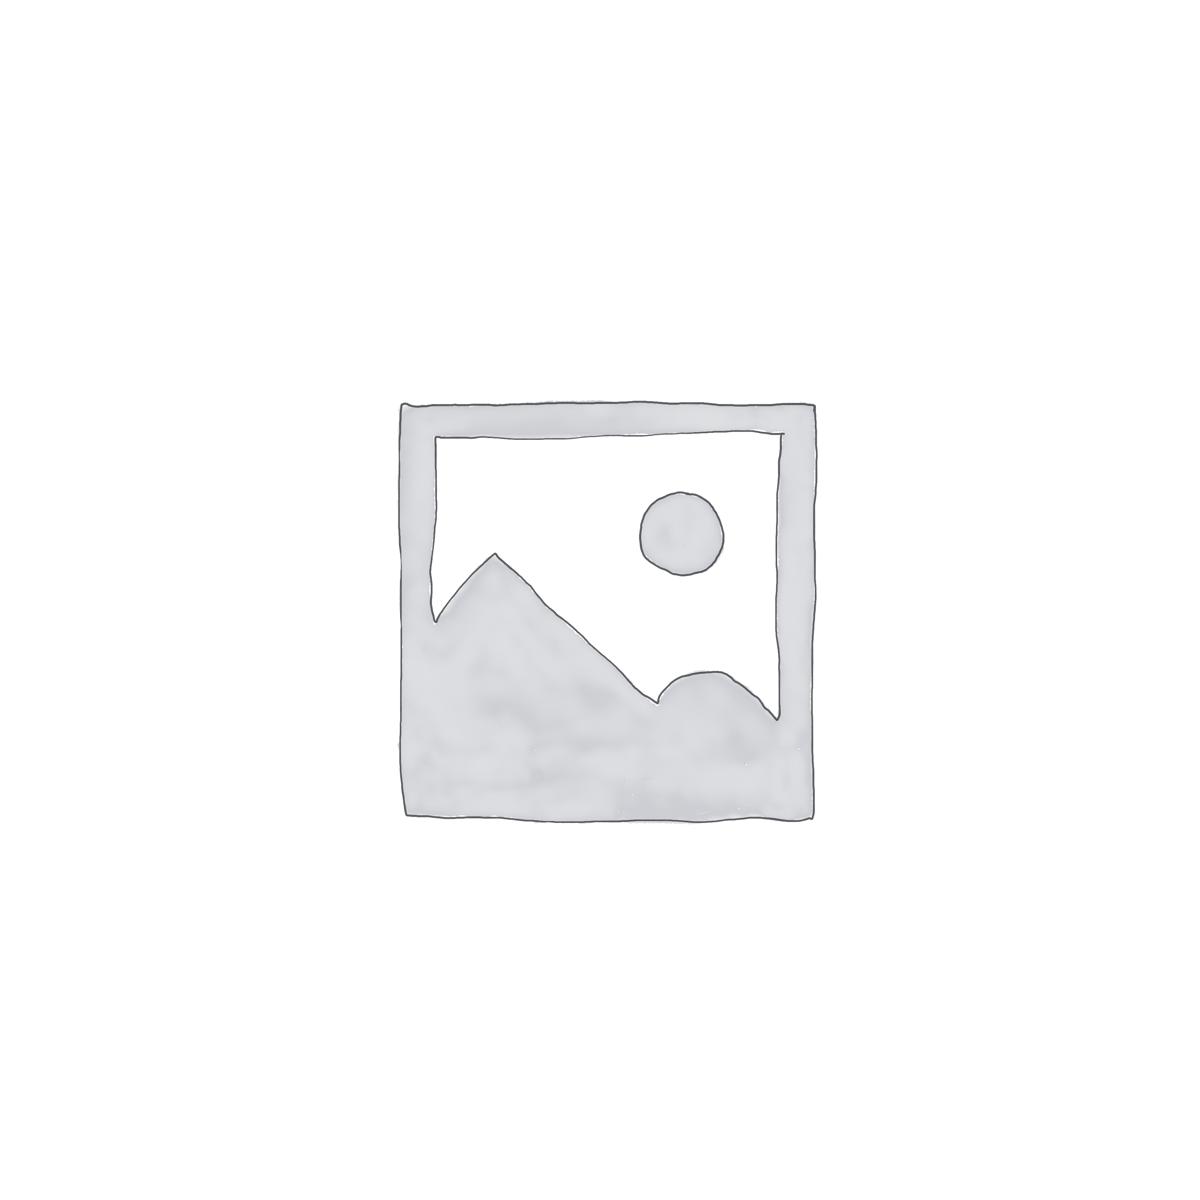 Kopfkissen 80x80 Füllung1300 und 1500 Gramm 50%Gänsefedern 50%Daunen (80x80cm, 1500g)